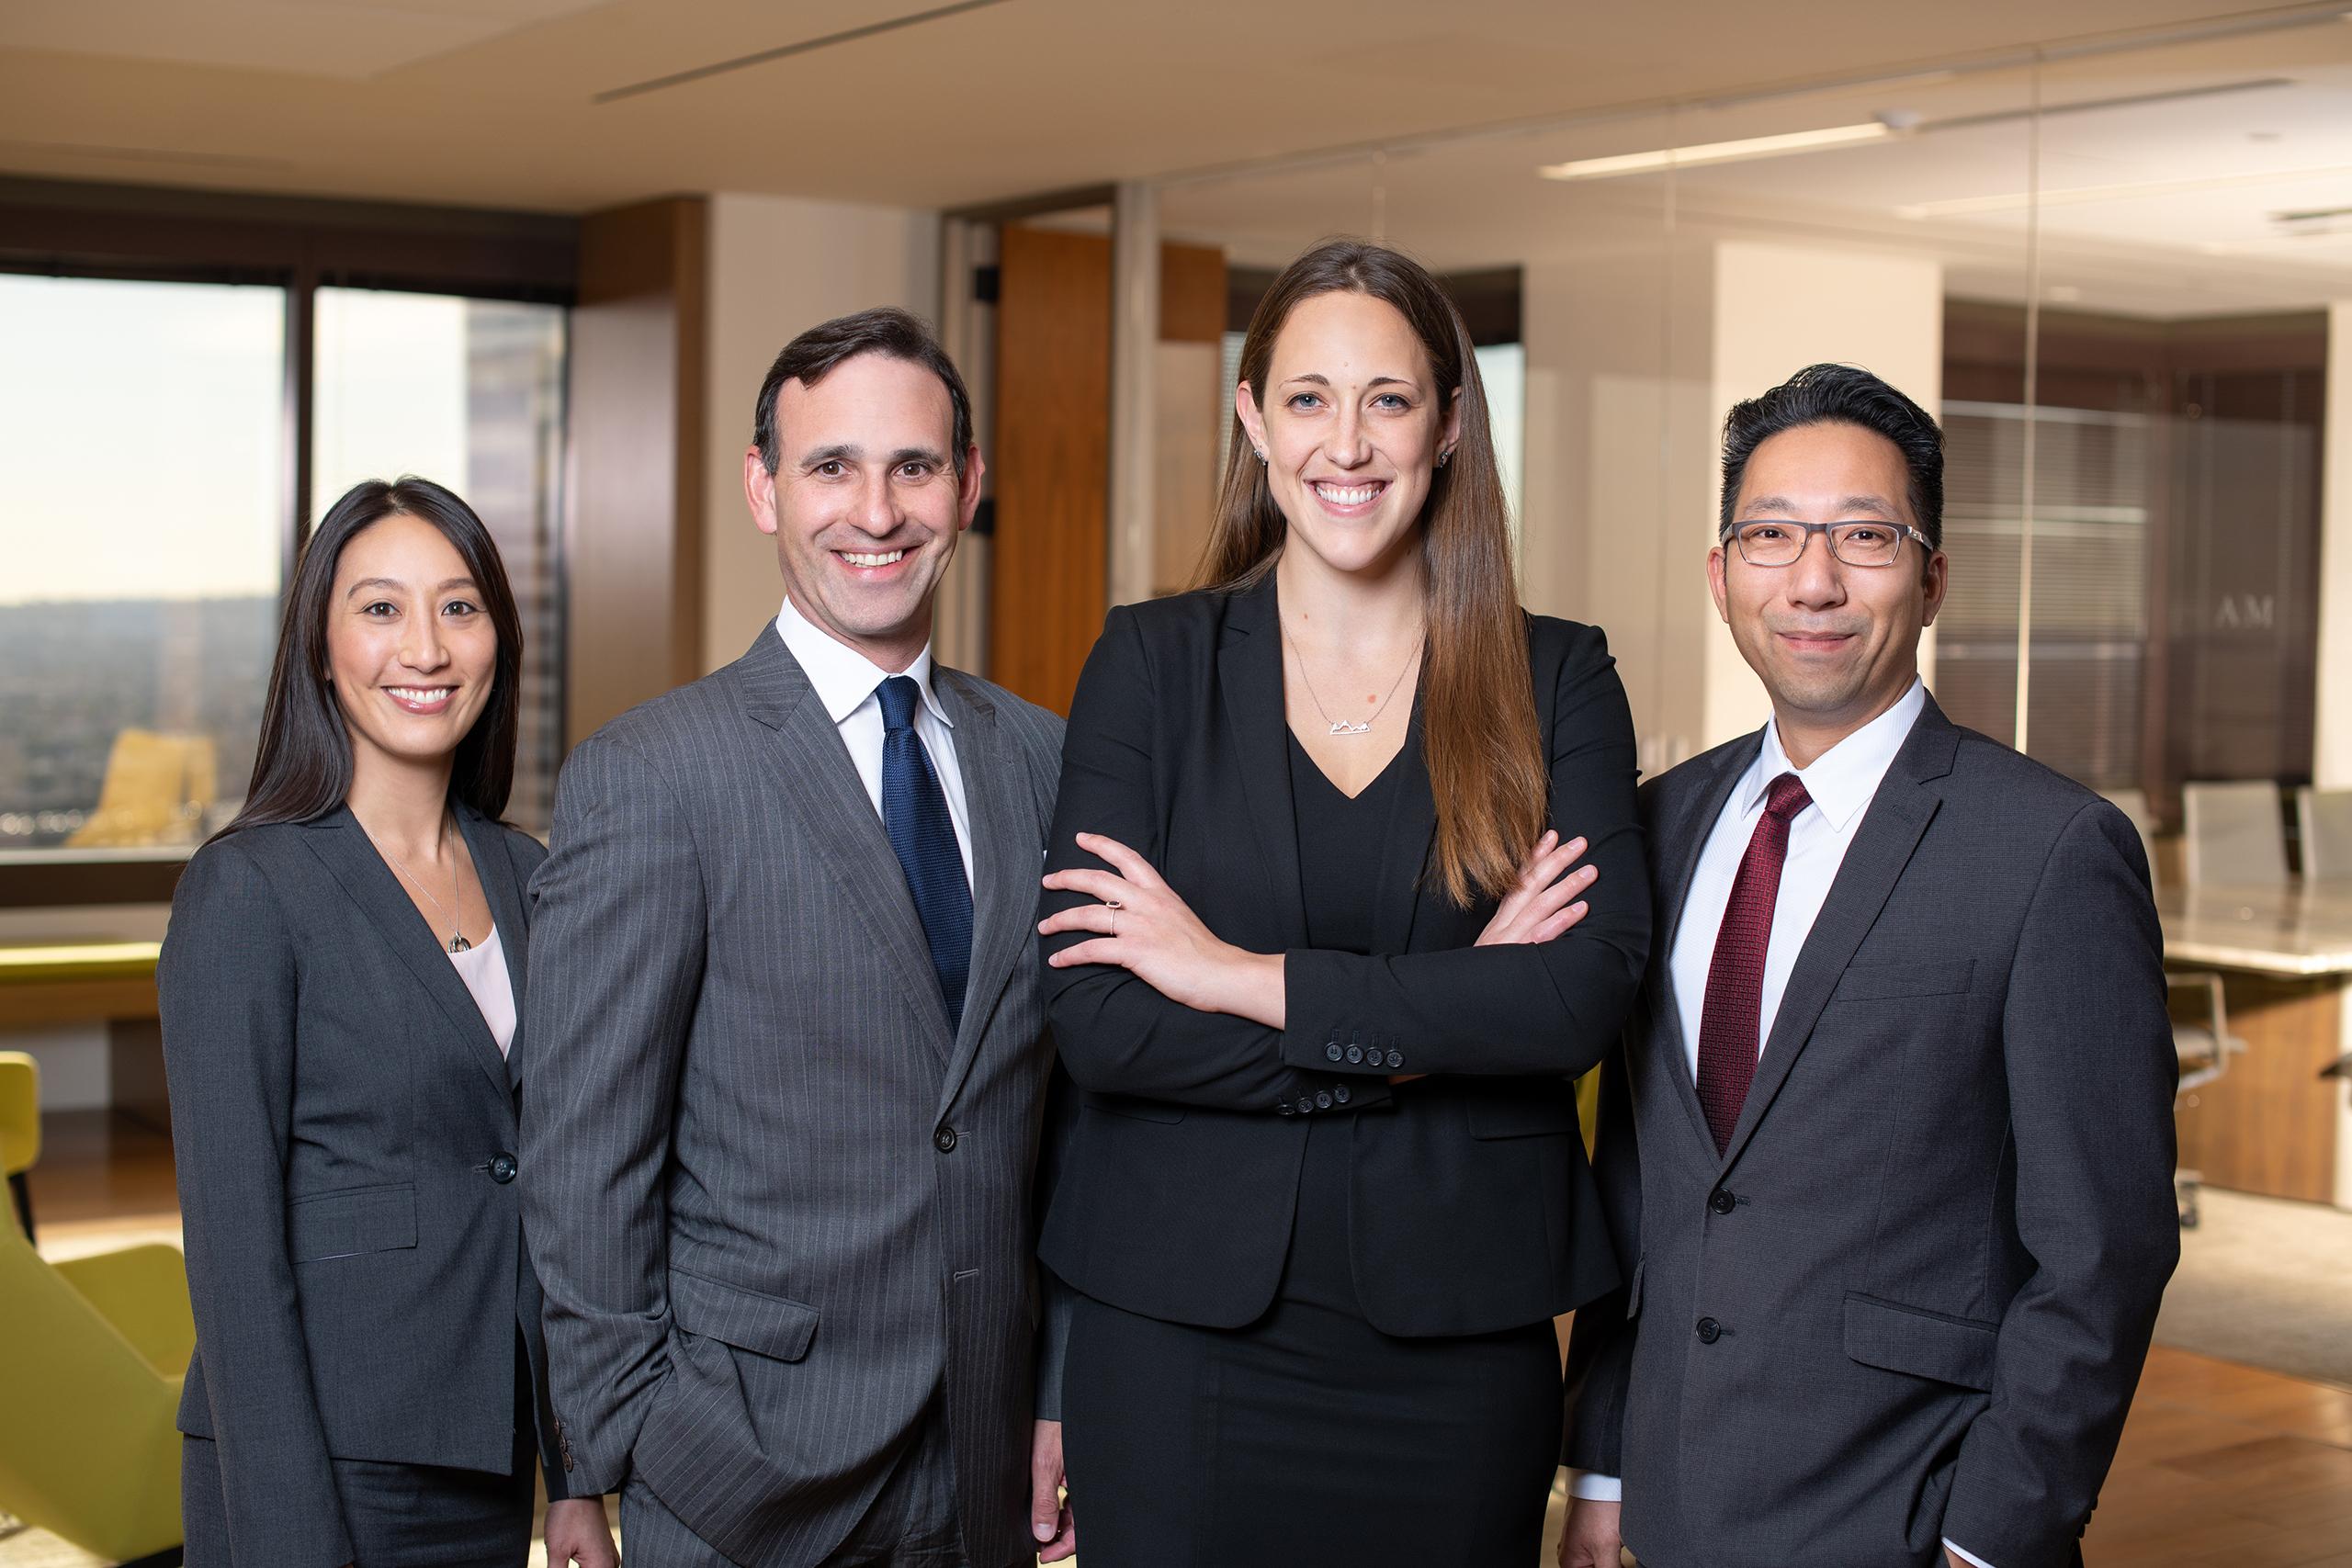 Marissa Dennis, Scott Leipzig, Abby Bloetscher, and Tim Hsu